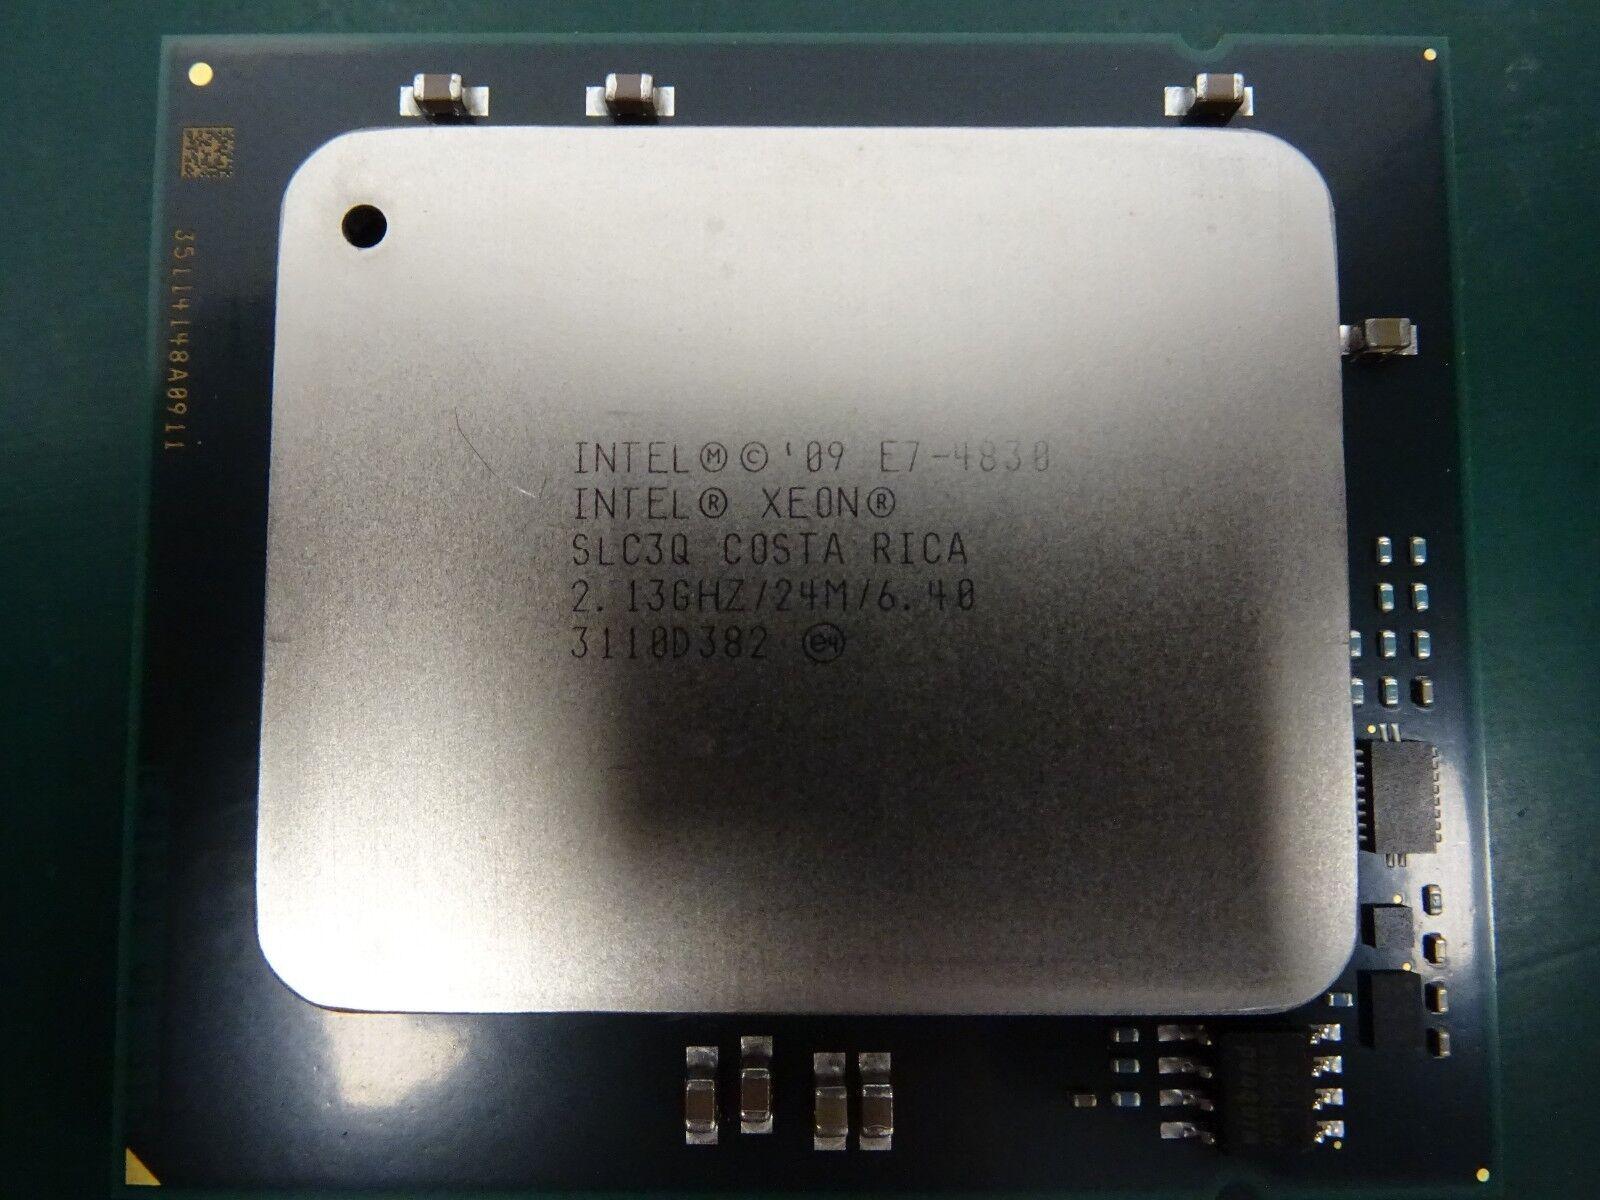 SLC3Q INTEL XEON 8 CORE PROCESSOR E7-4830 2.13GHZ 24MB CACHE 6.4 P